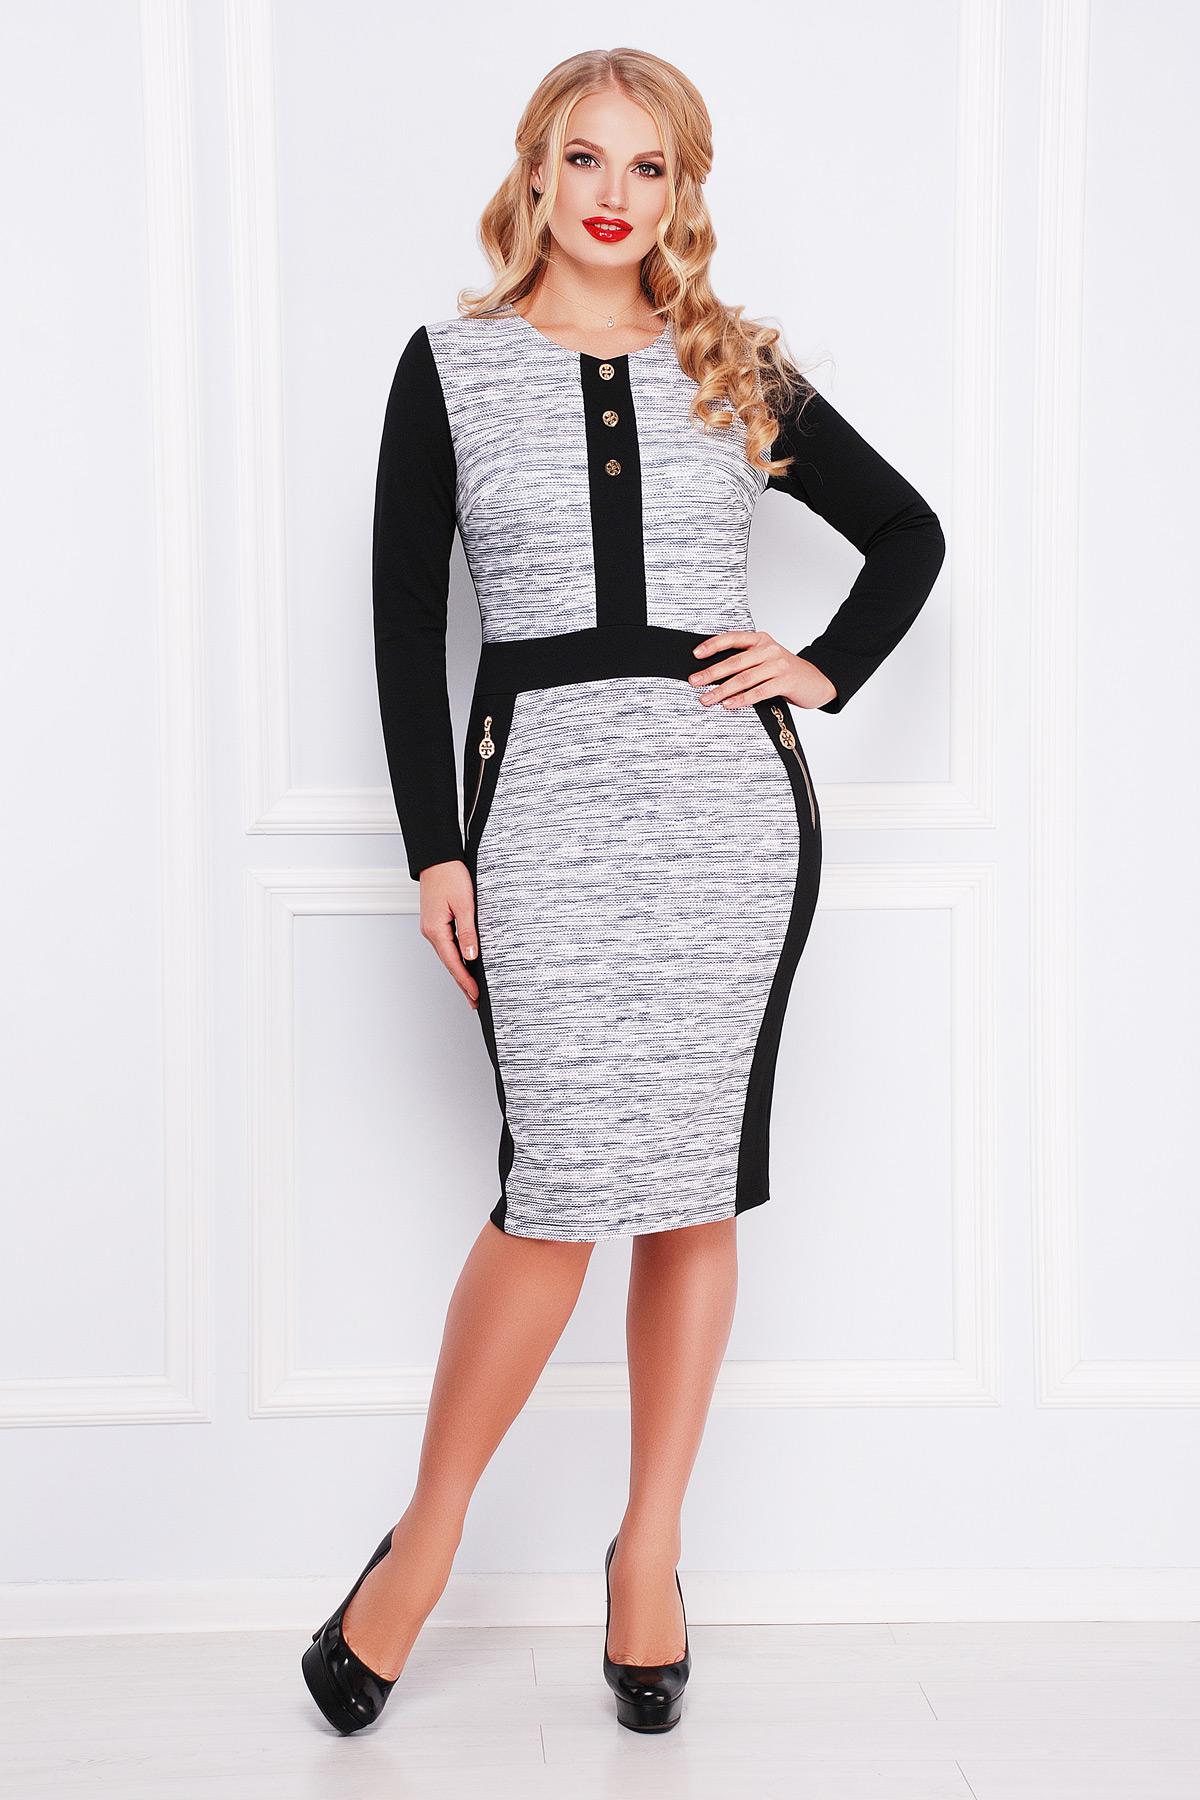 cc9db32199a1307 Серо-черное платье на каждый день Анита-Б д/р - купить в Украине